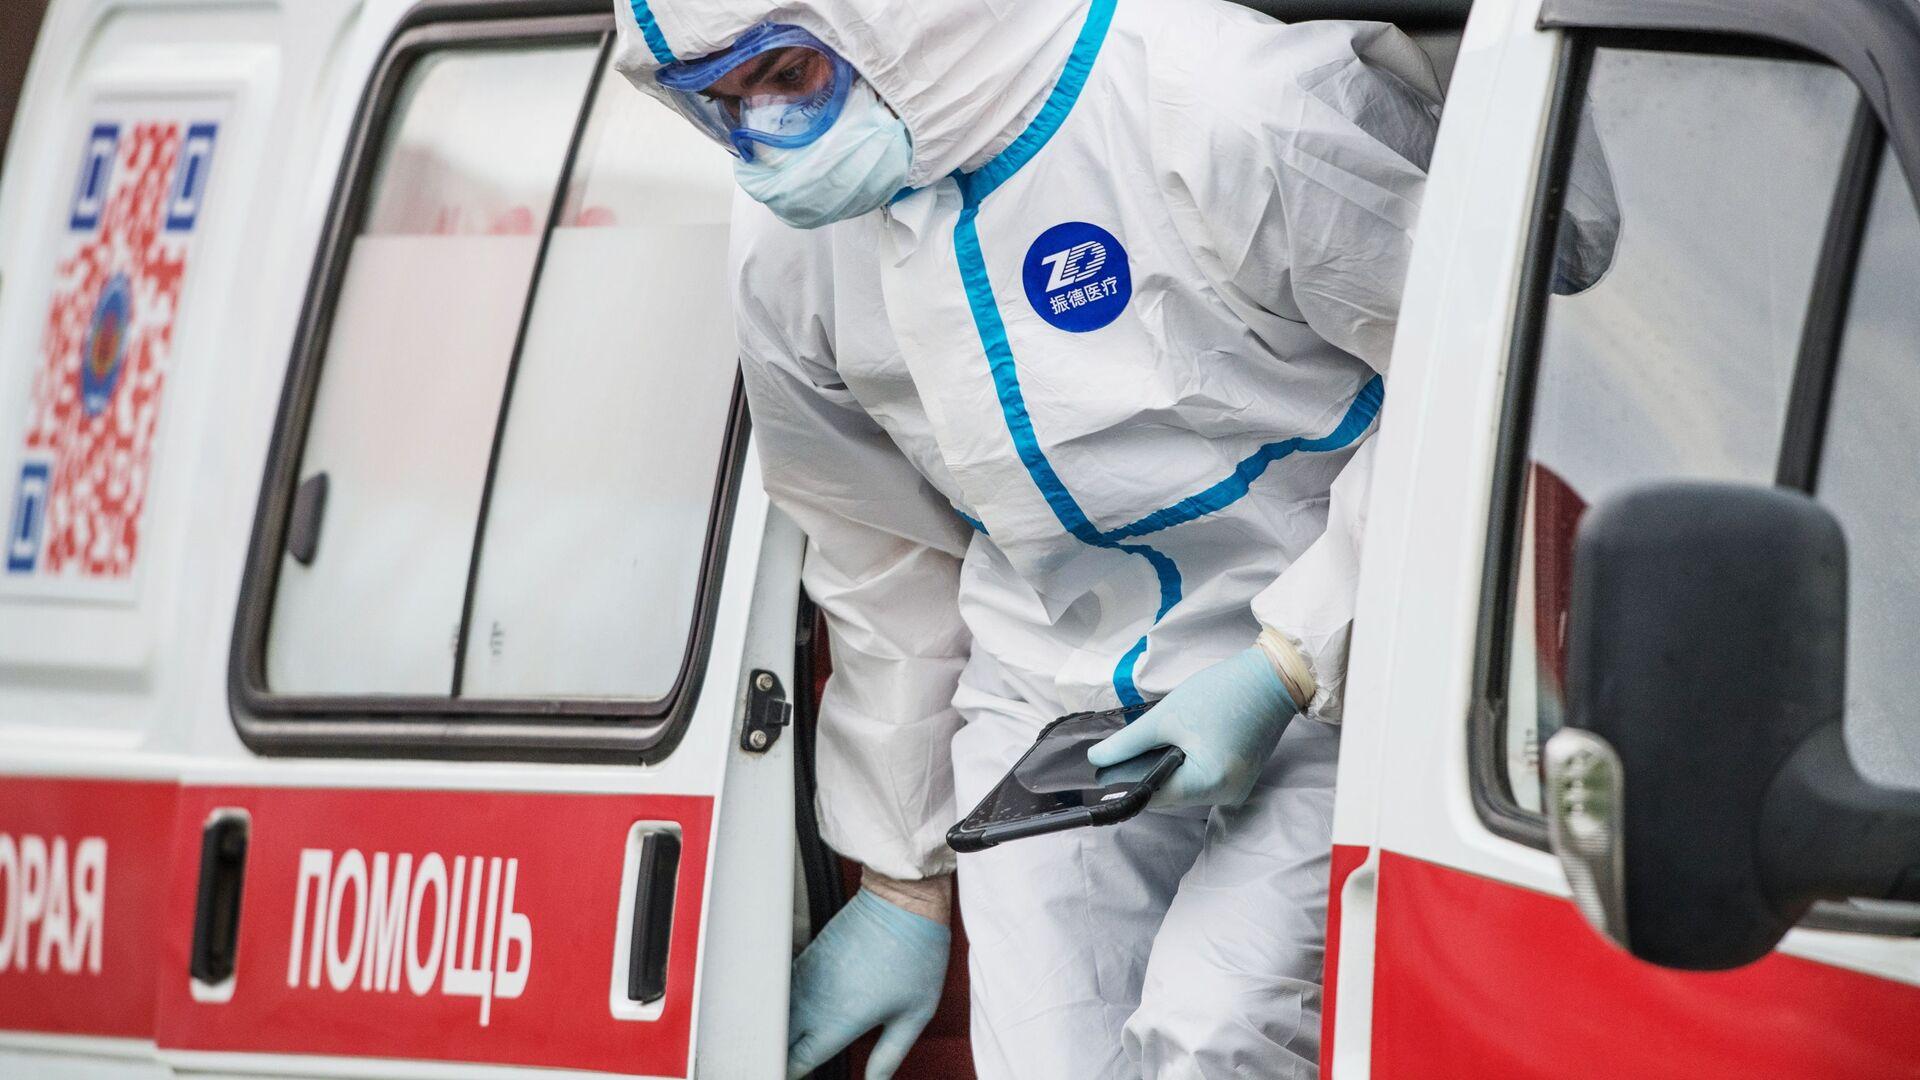 Un'infermiera esce da un'ambulanza - Sputnik Italia, 1920, 09.08.2021